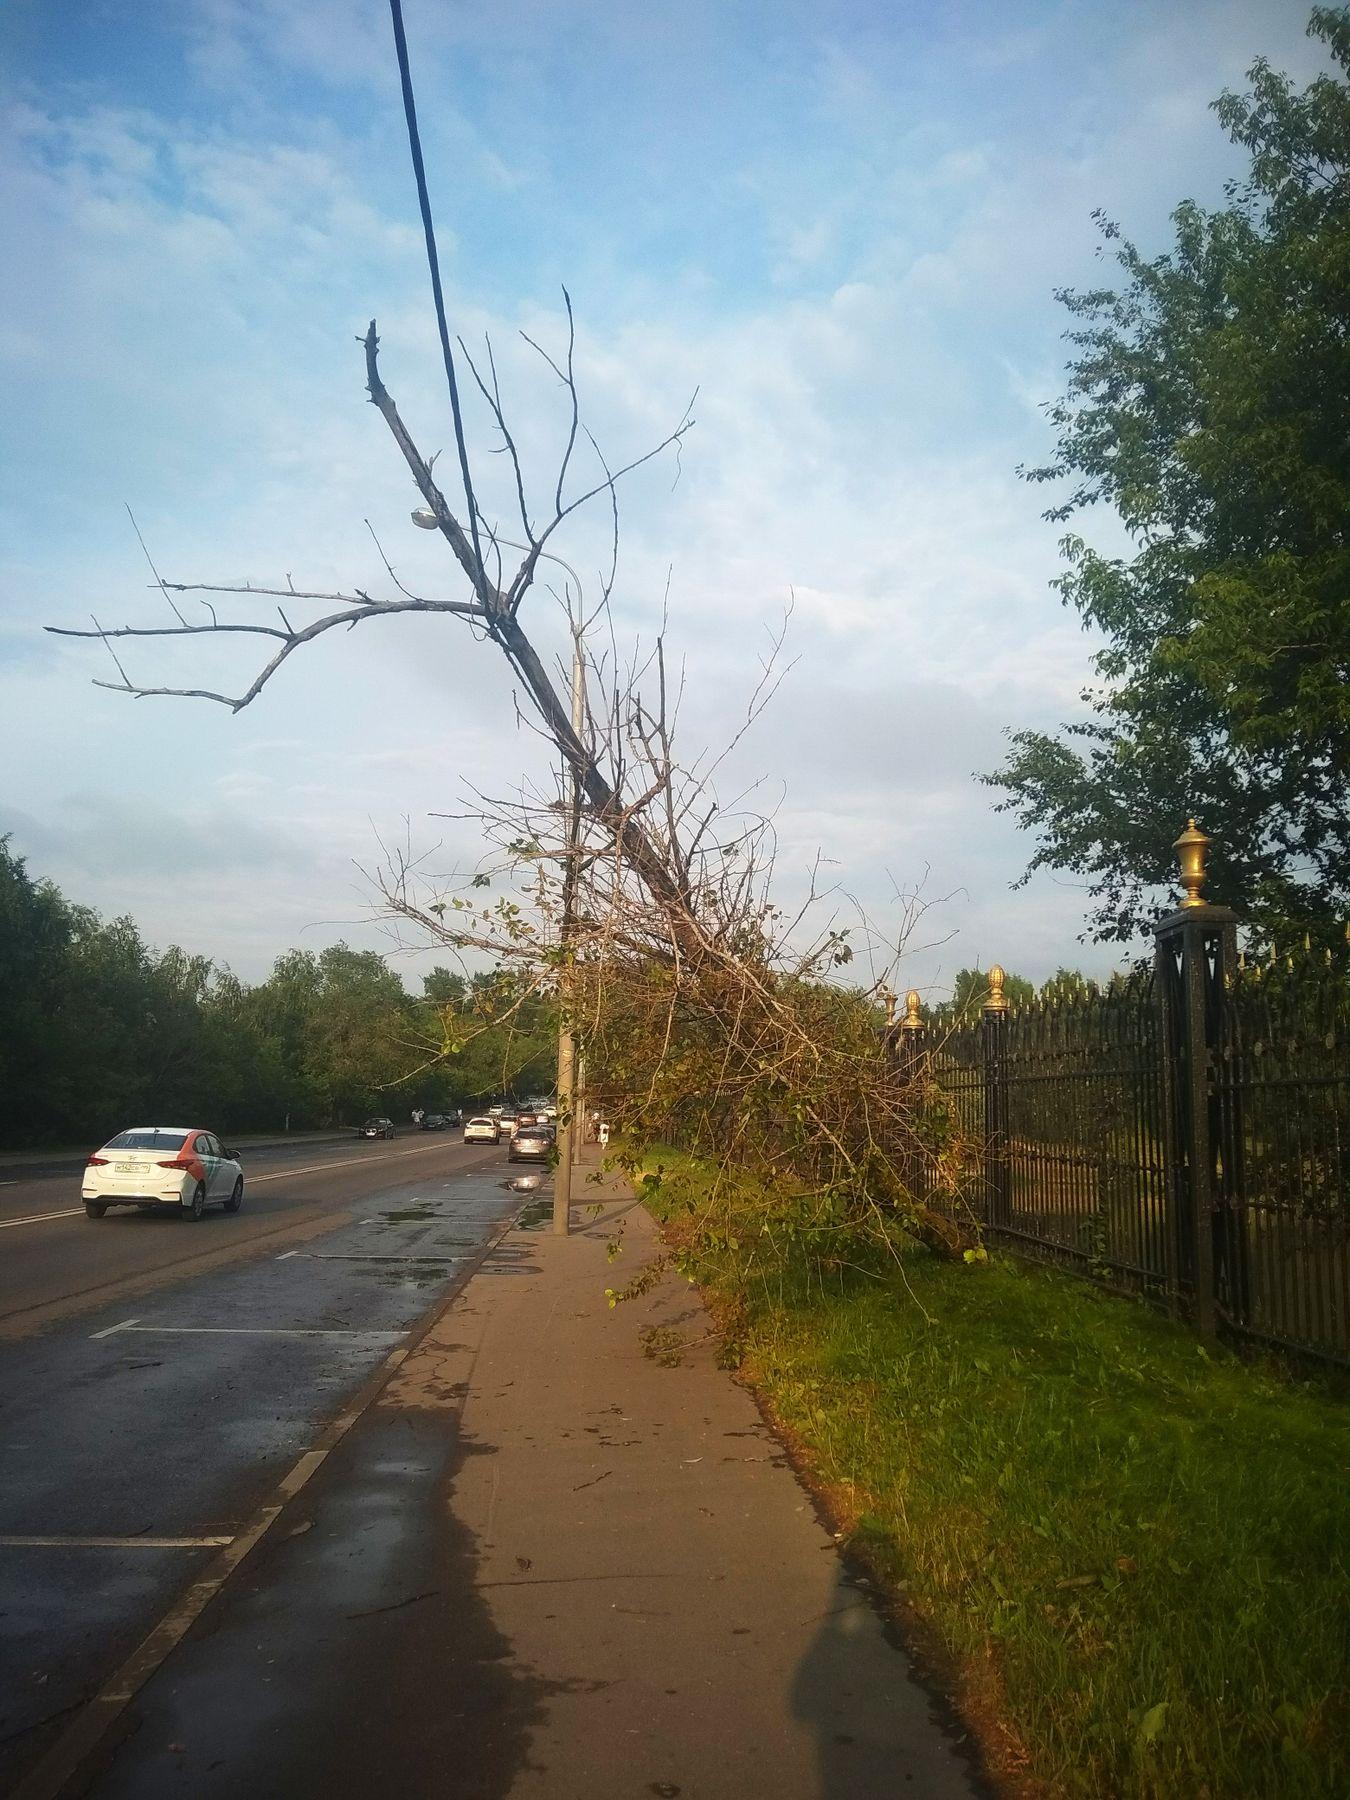 Дерево упавшее на провода Дерево провод дорога